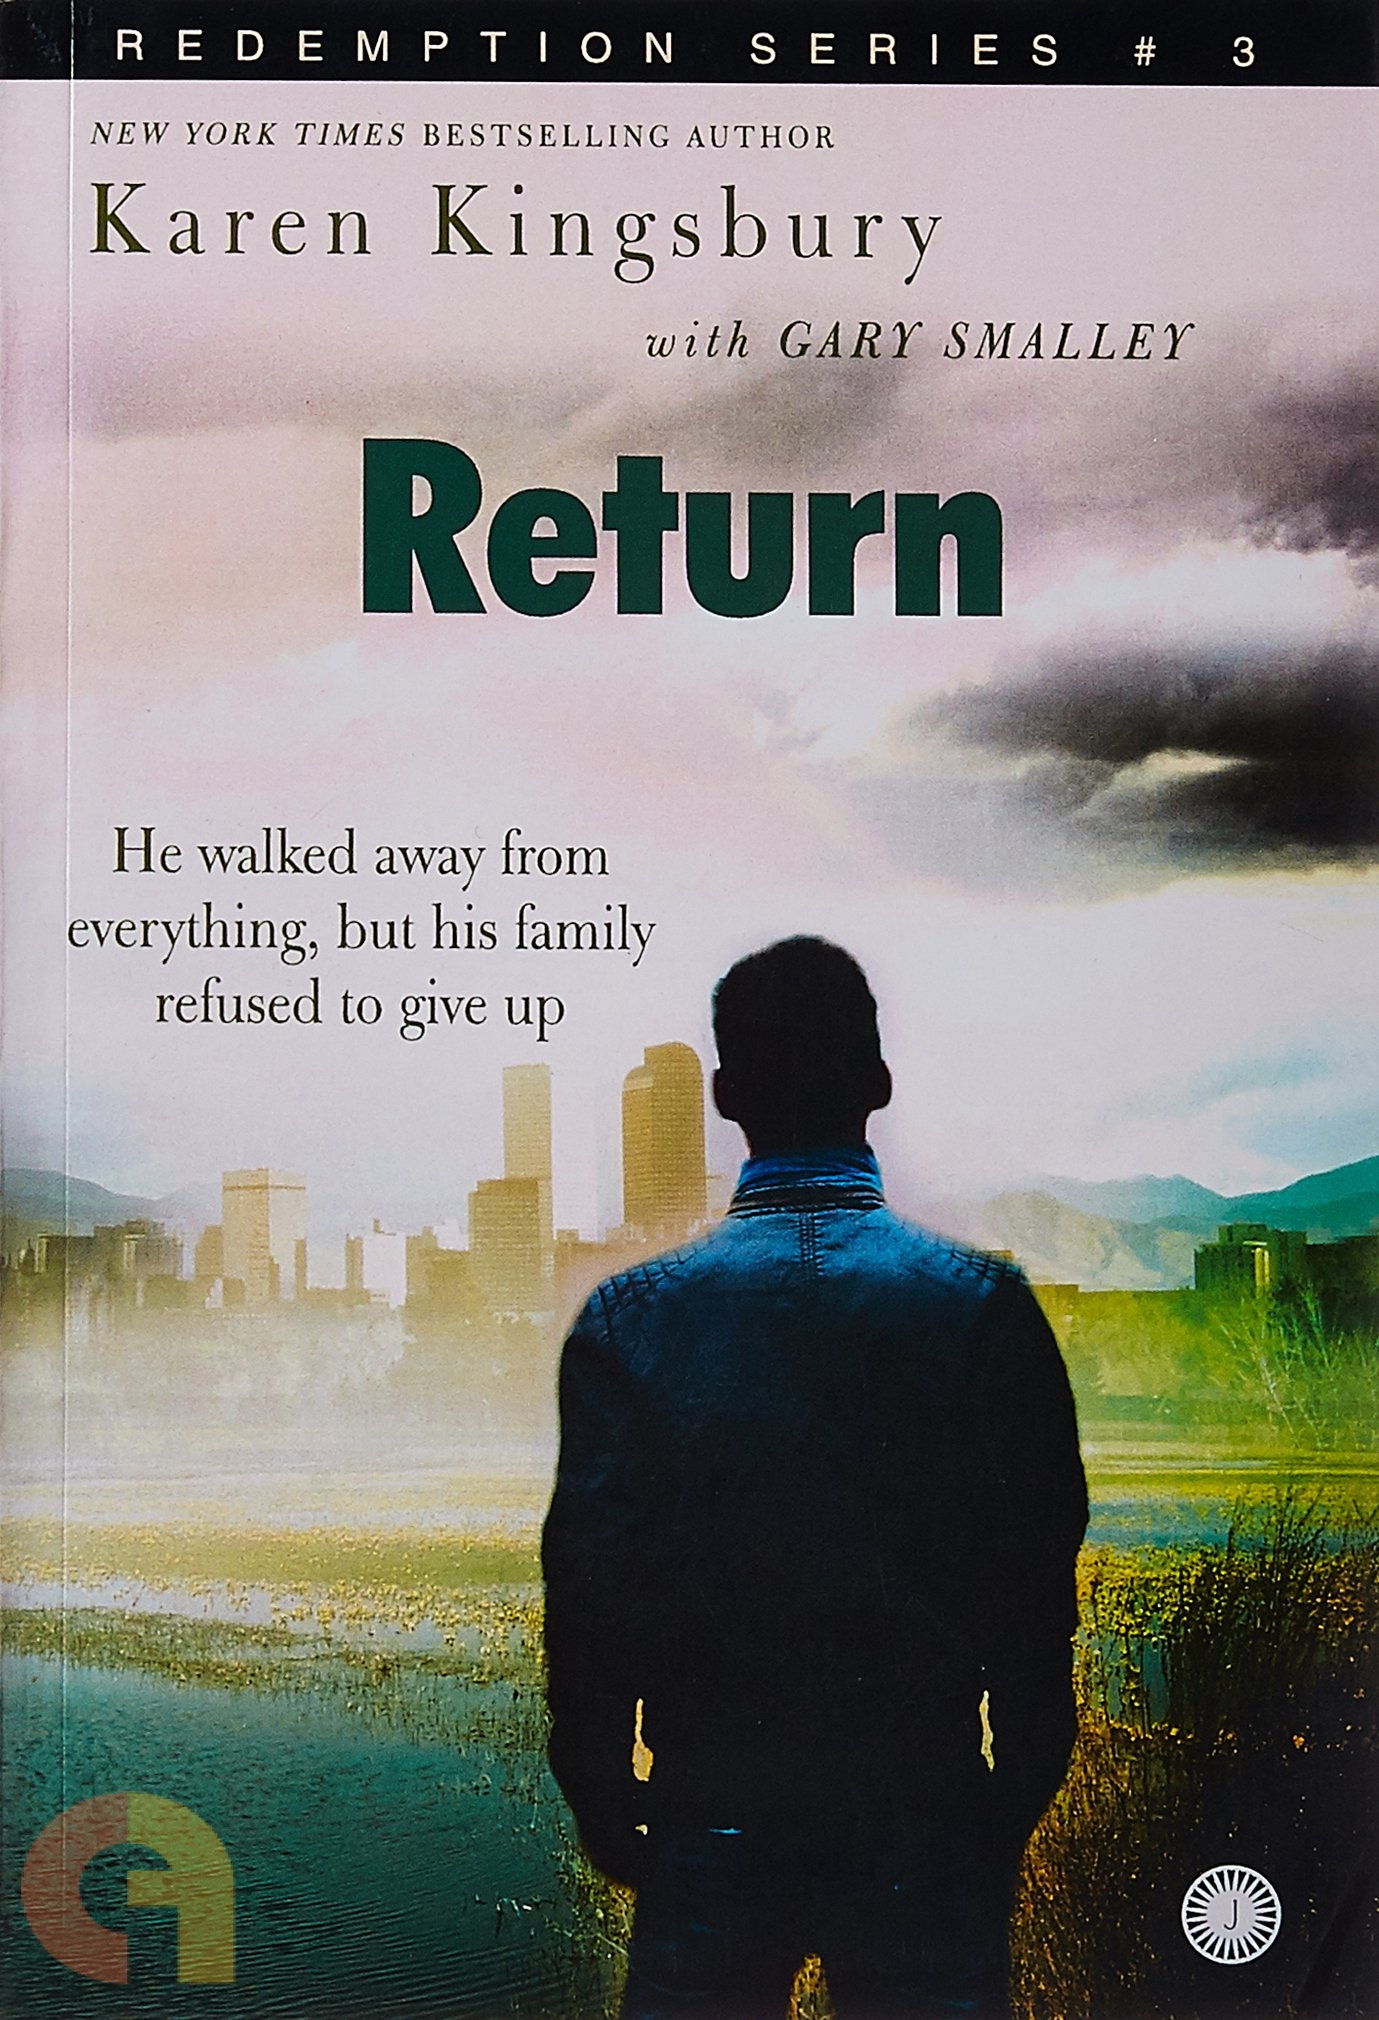 Redemption Series # 3: Return